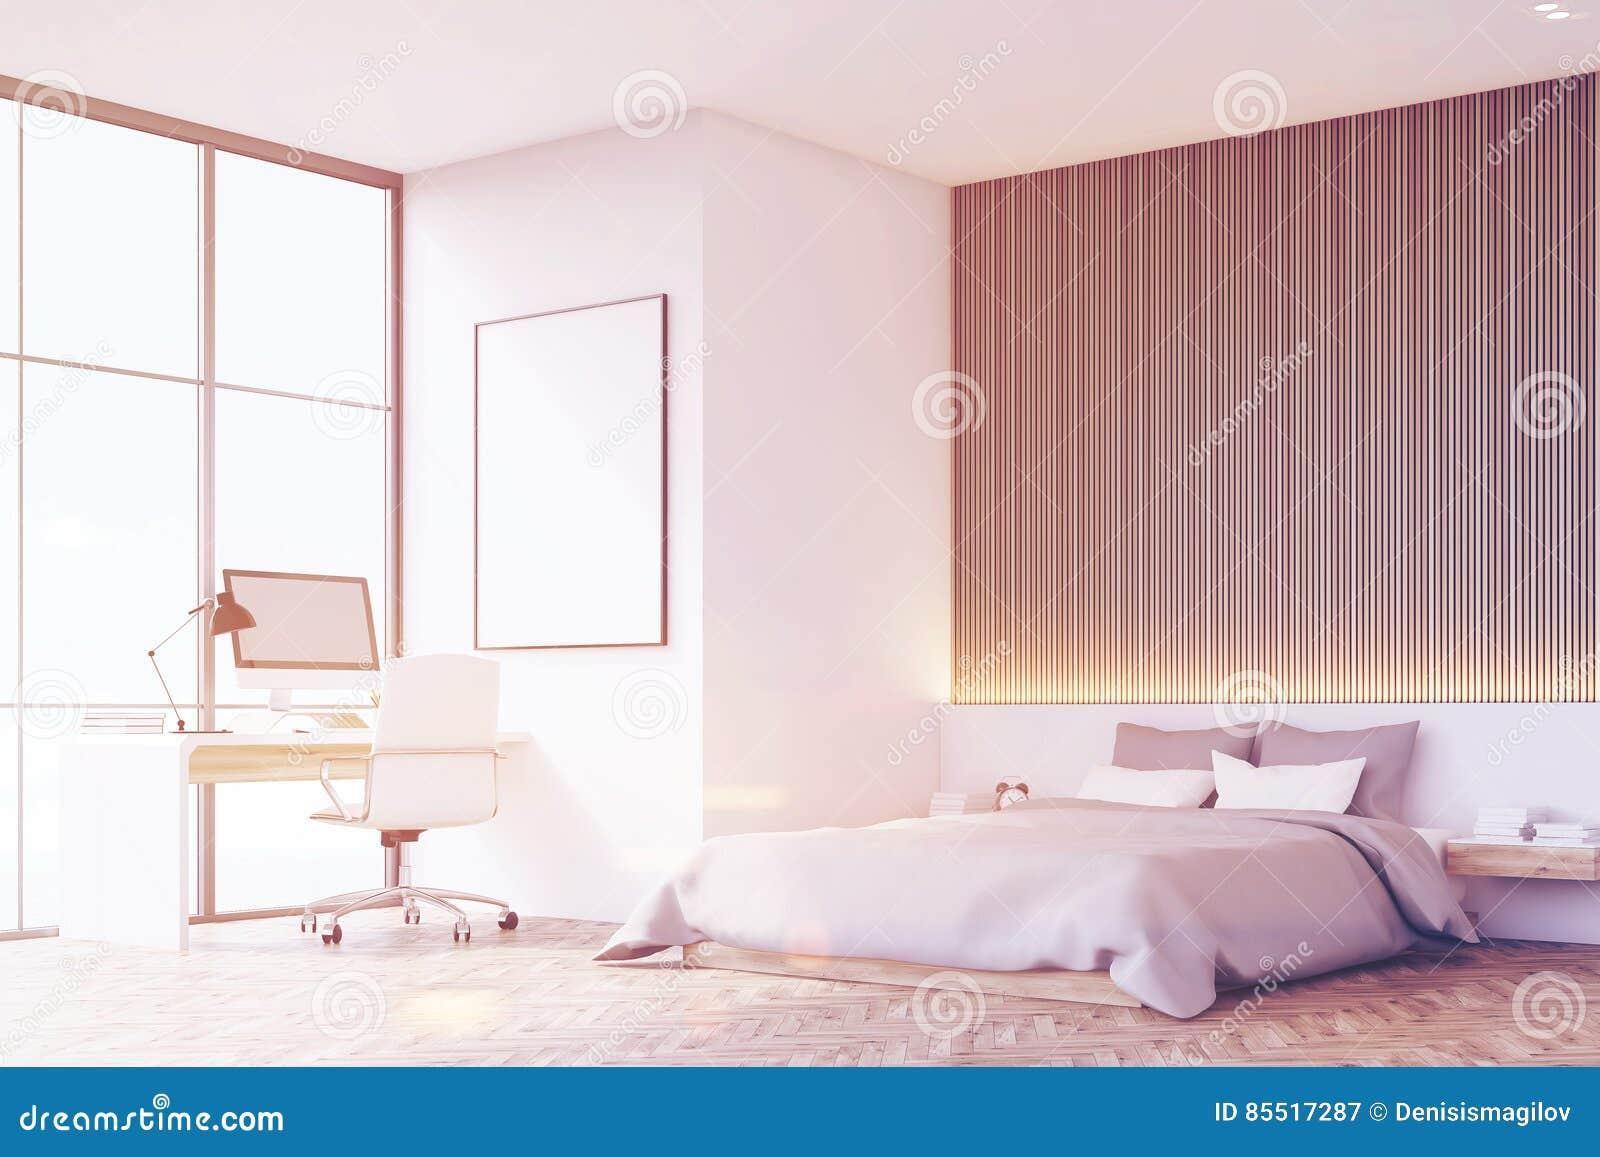 Slaapkamer Houten Vloer : Slaapkamer met houten vloer lijst gestemd zijaanzicht stock